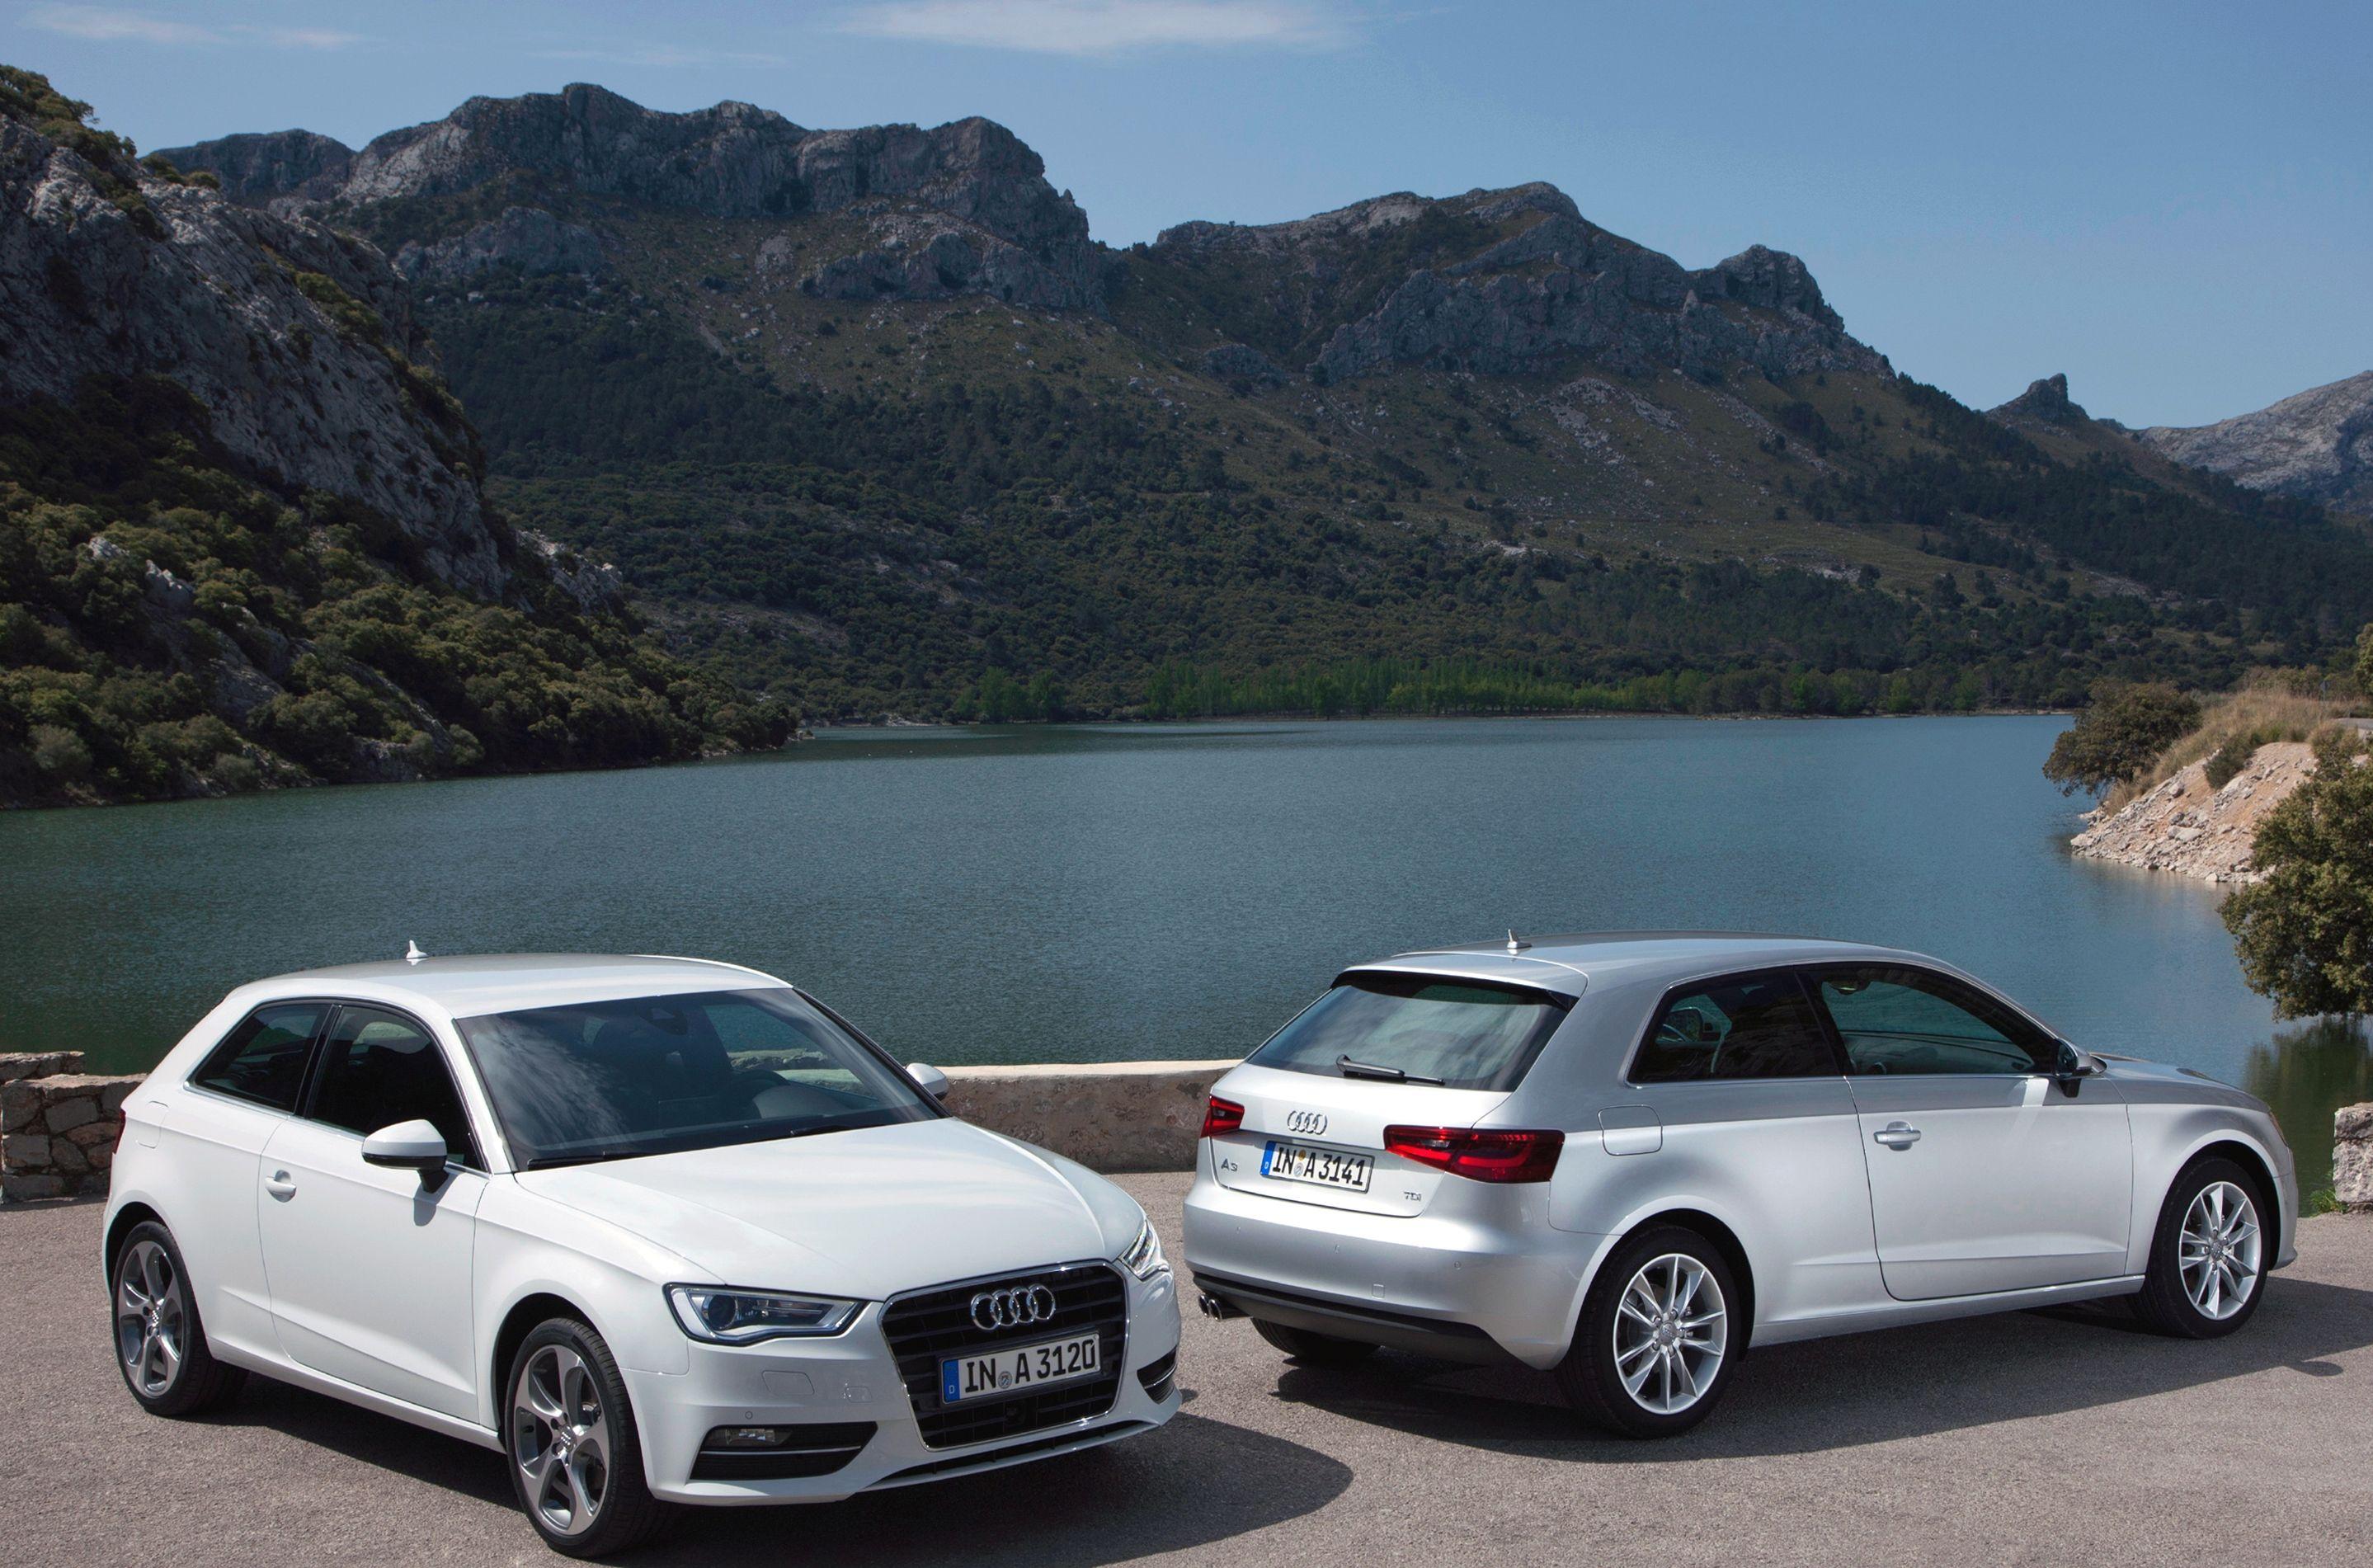 Audi uk launches at photos